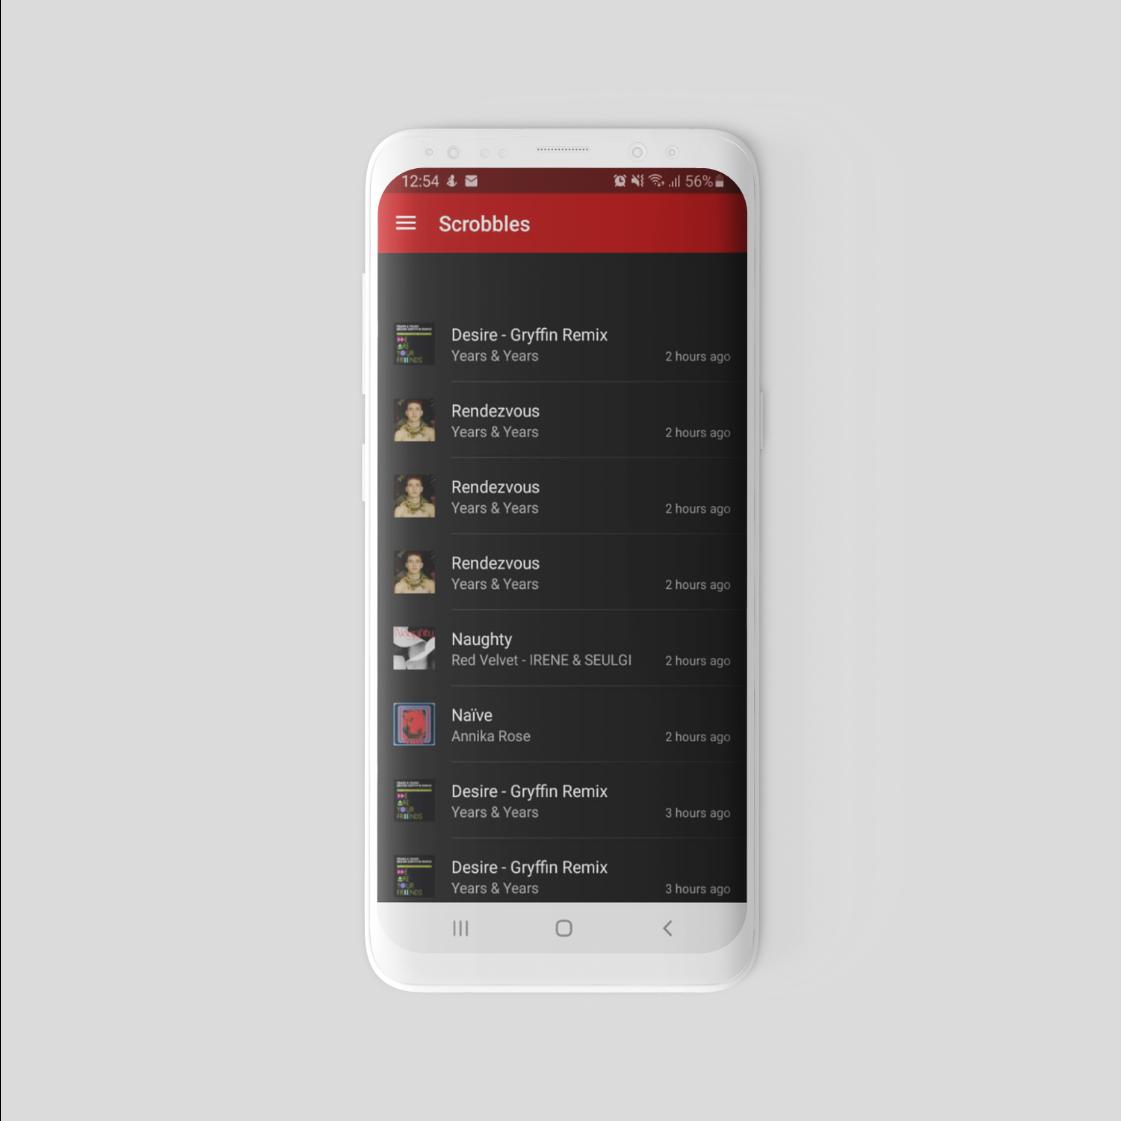 Old last.fm app design